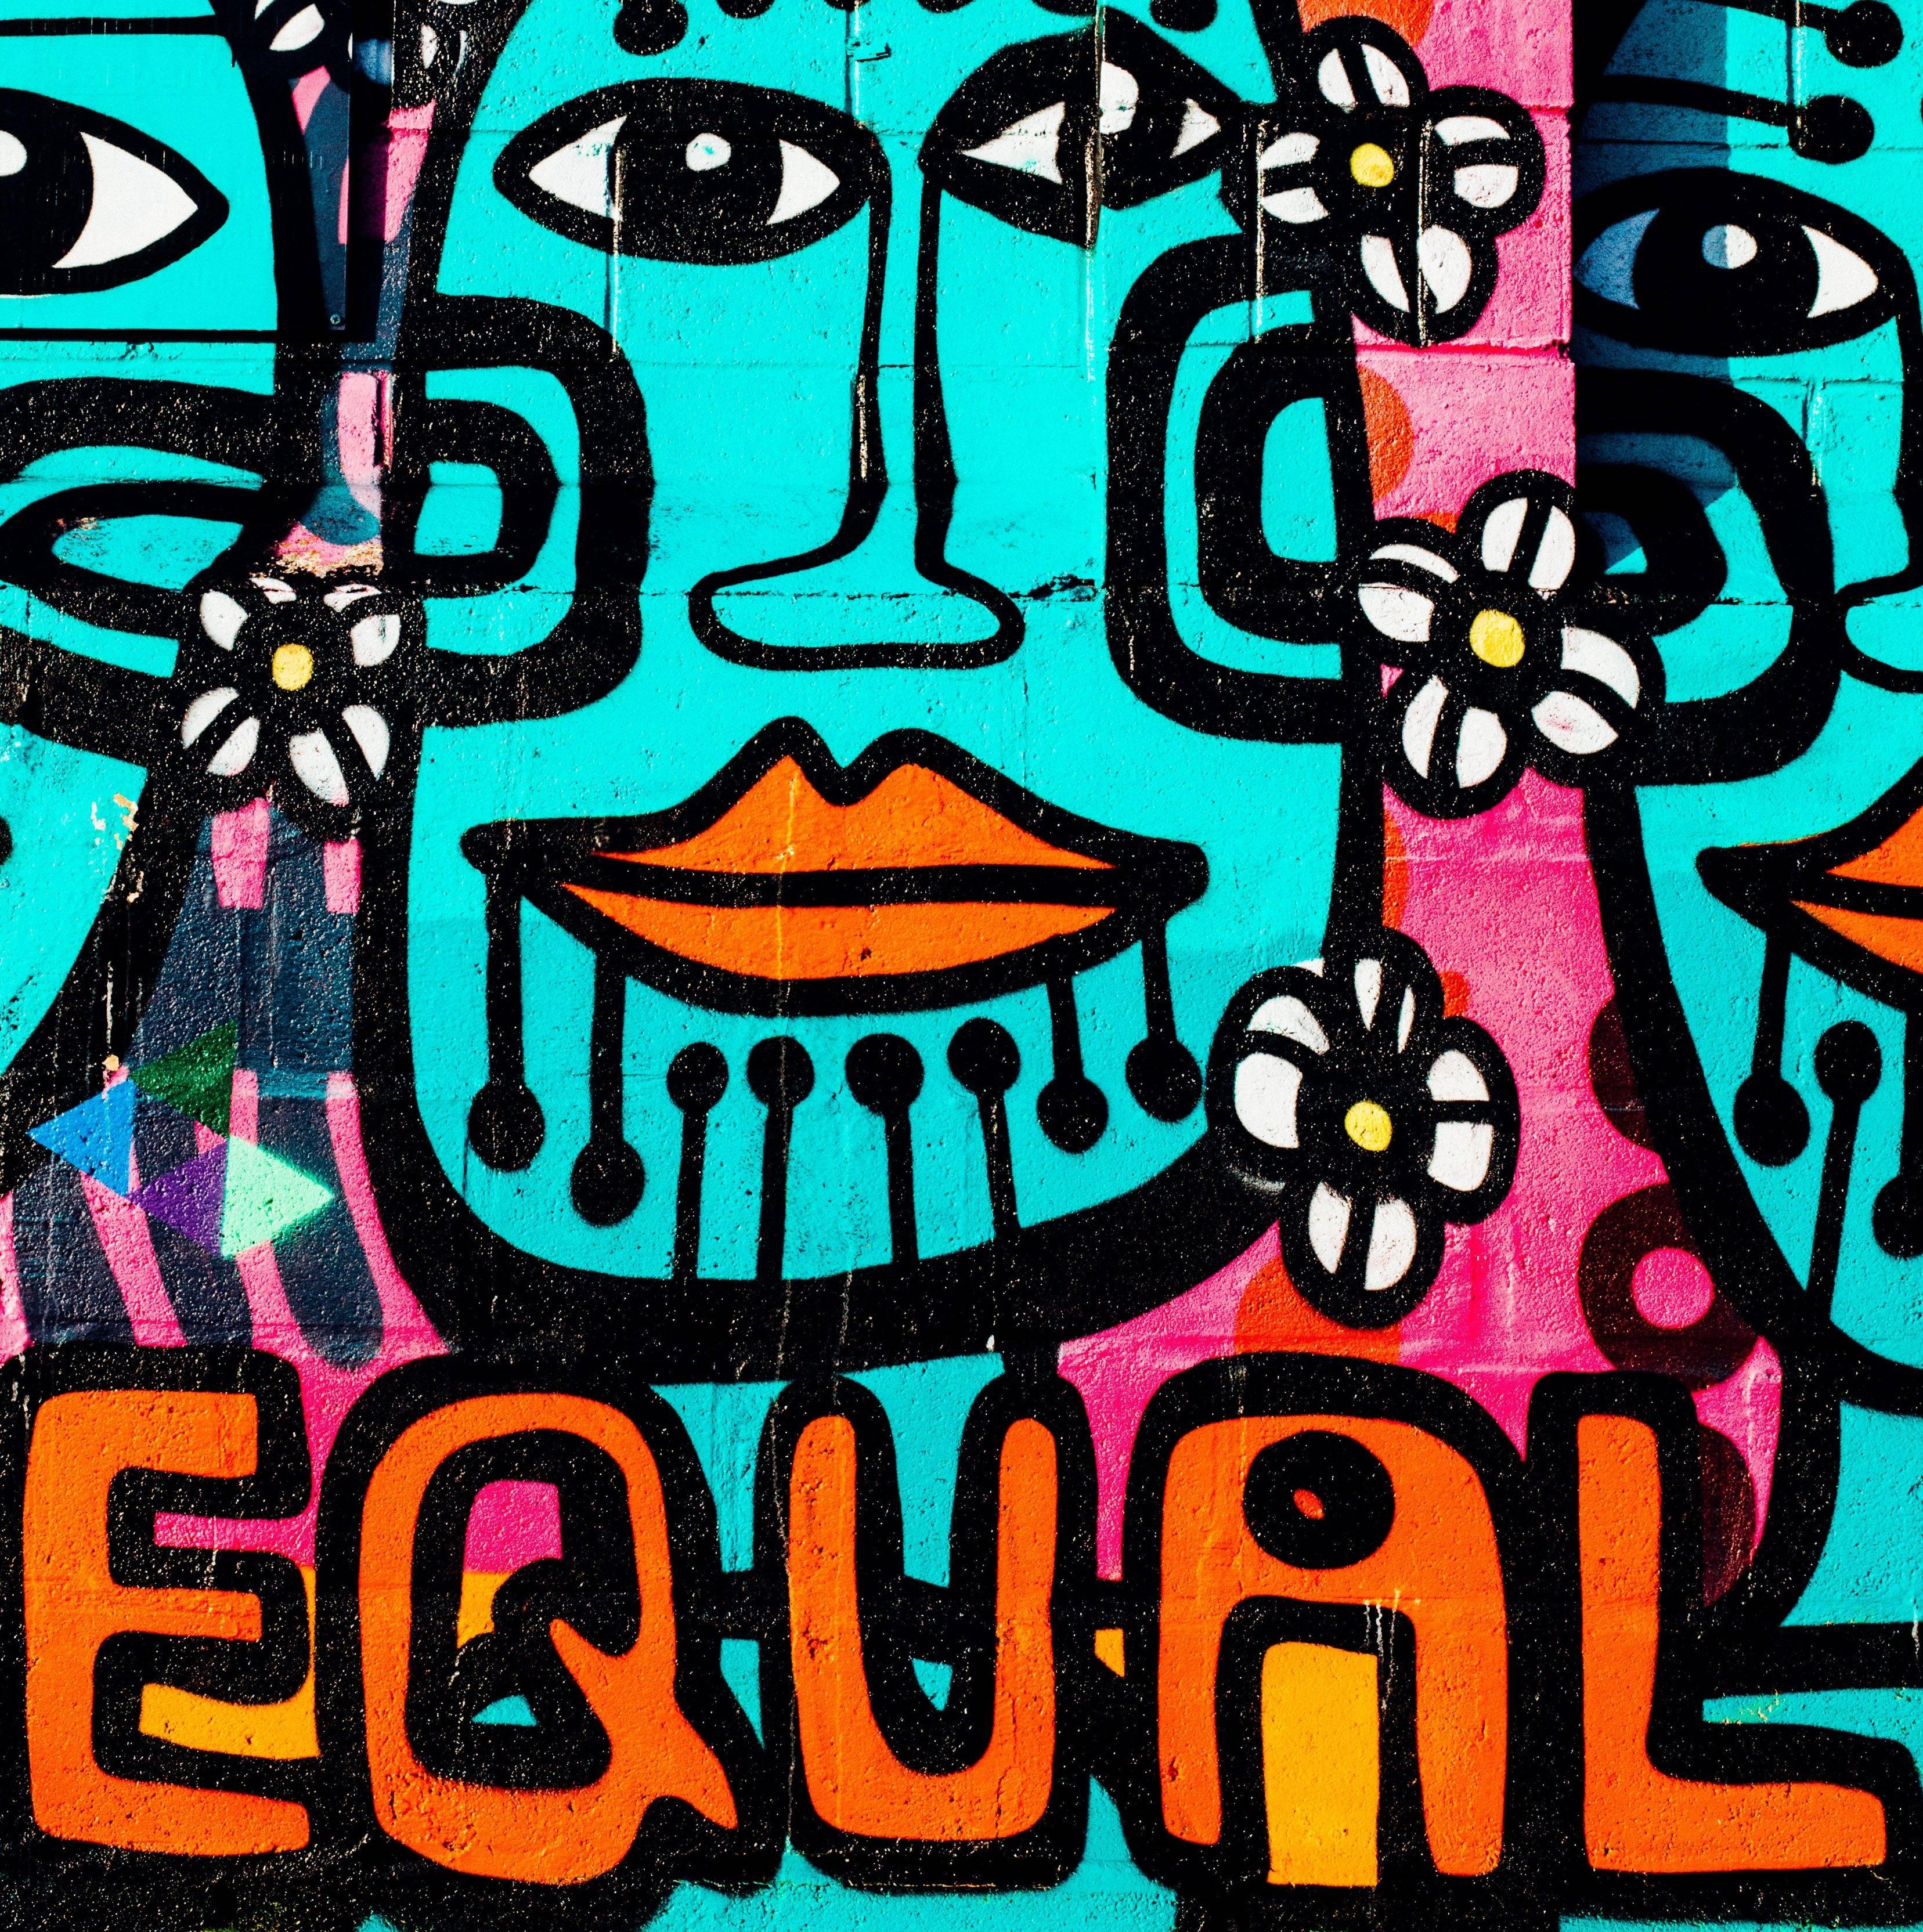 www.juicysantos.com.br - meritocracia para poucos